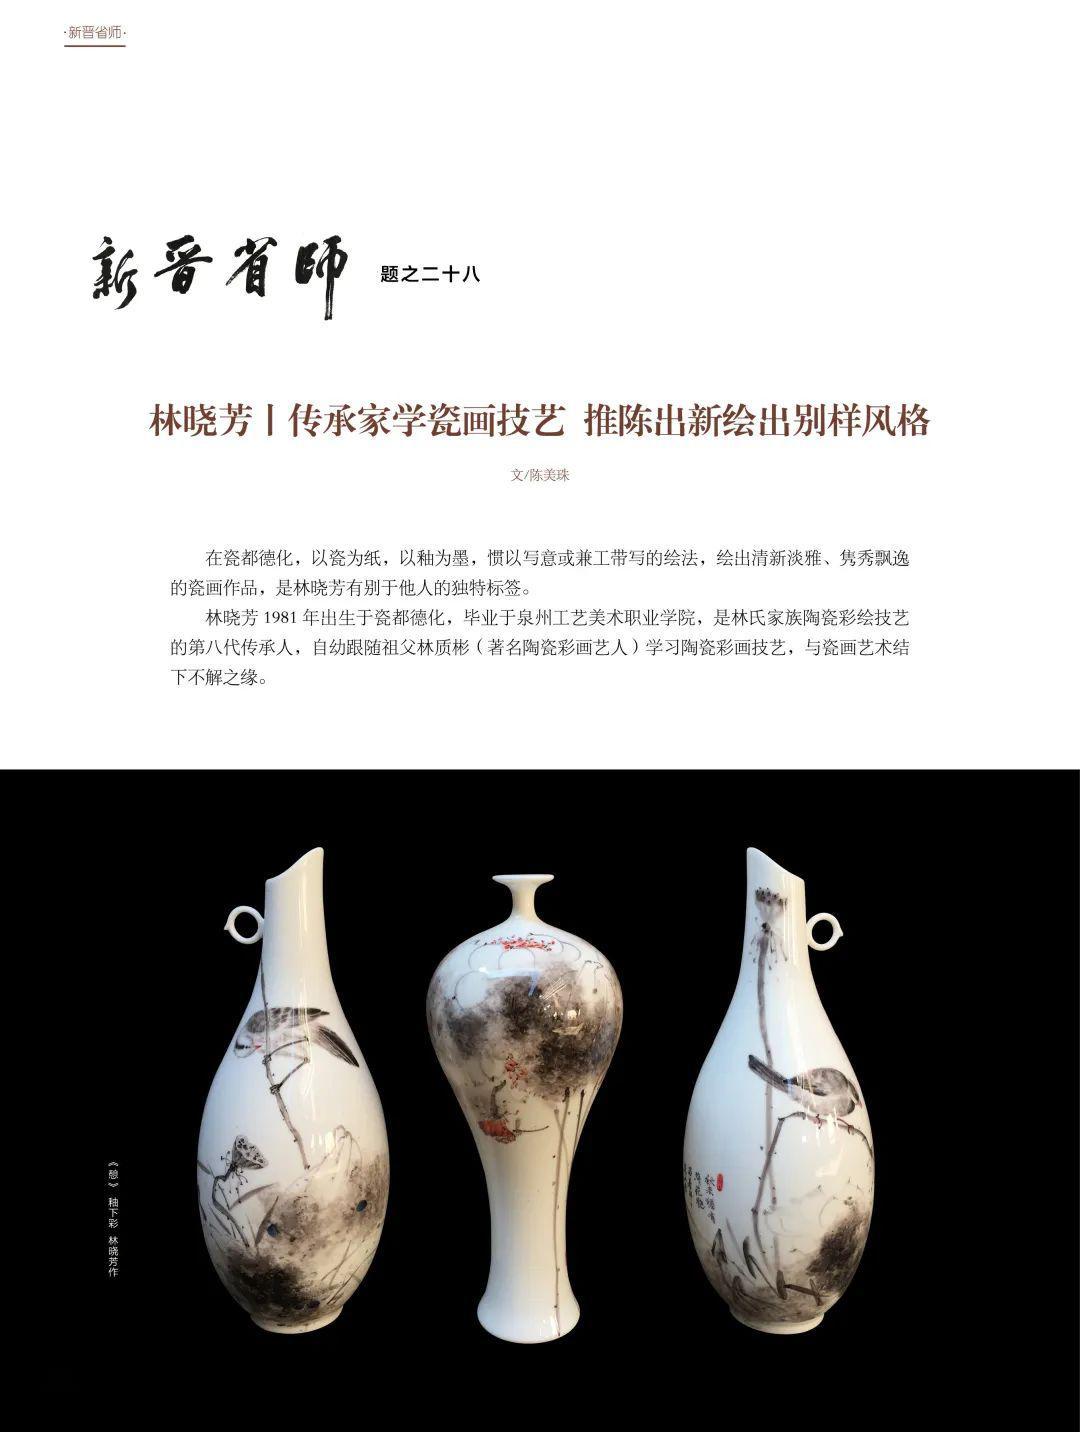 林晓芳丨传承家学瓷画技艺 推陈出新绘出别样风格